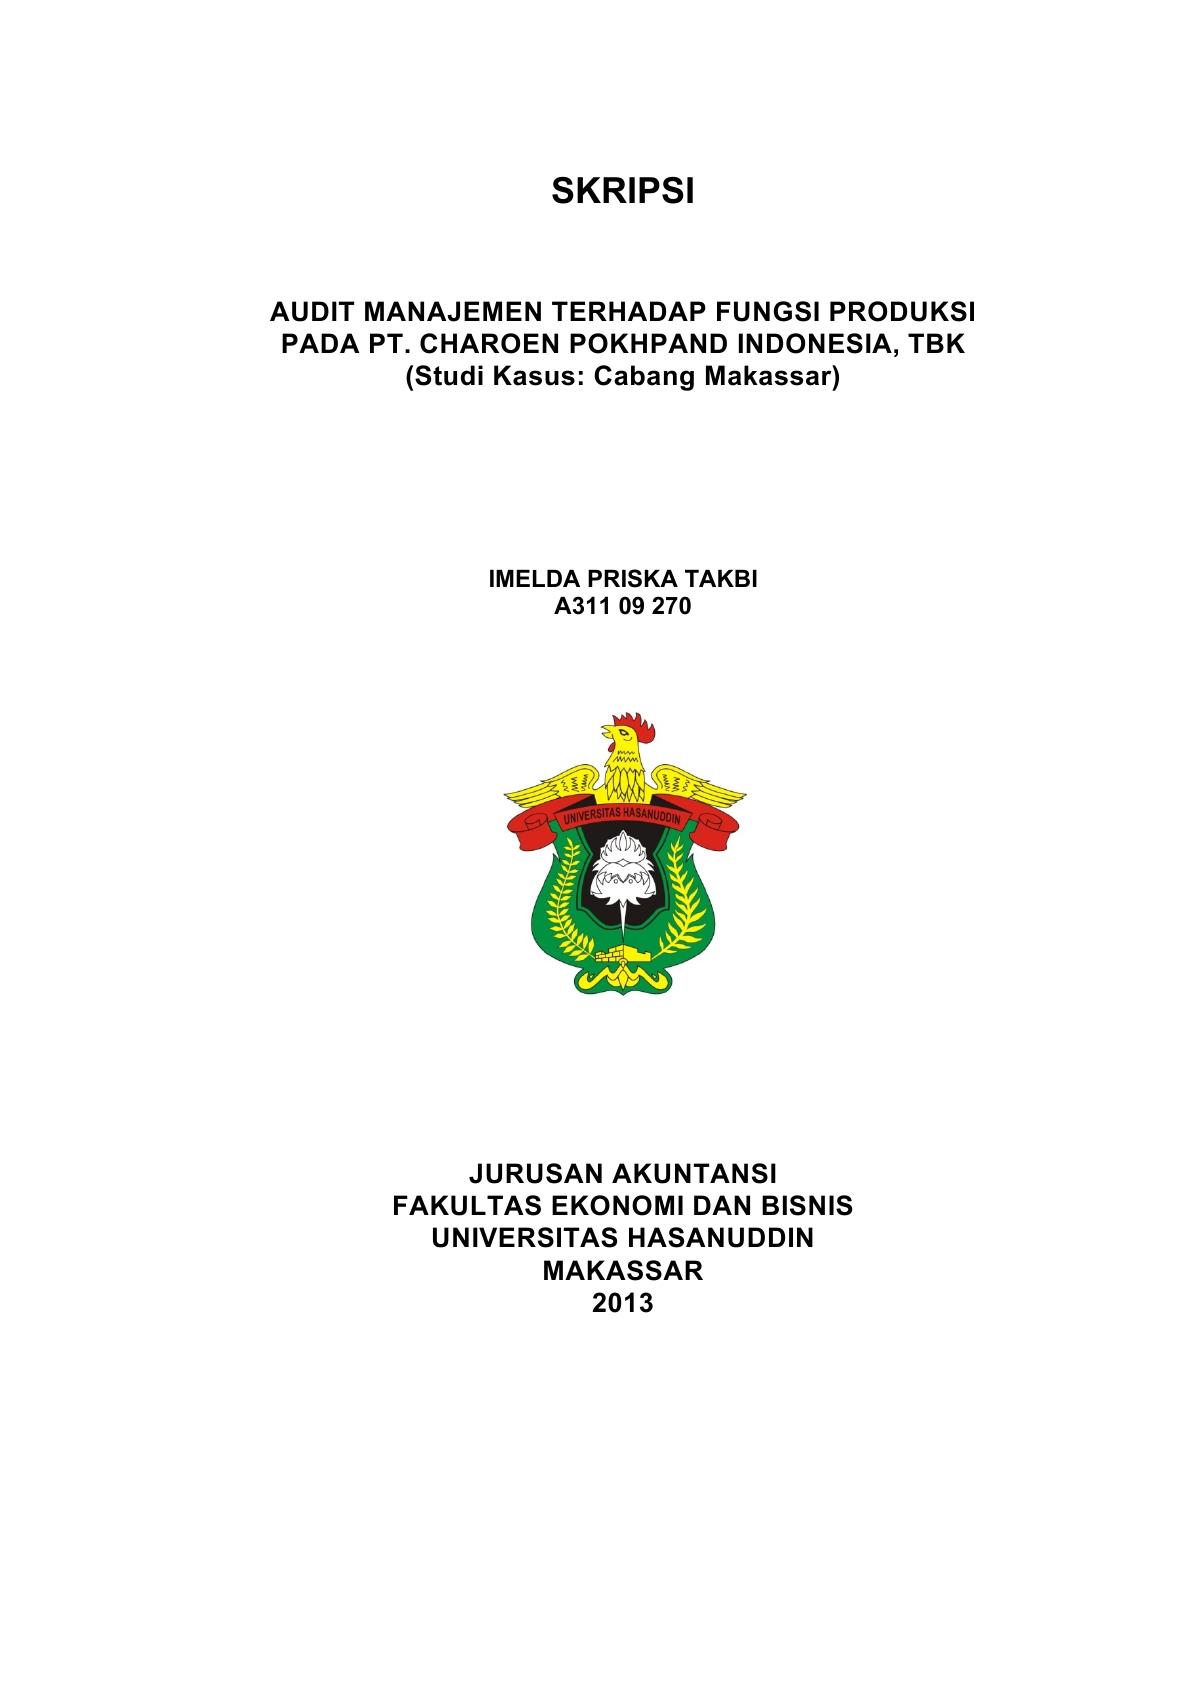 Audit Manajemen Terhadap Fungsi Produksi Pada Pt Charoen Pokhpand Indonesia Tbk Studi Kasus Cabang Makassar Imelda Priska Takbi Perpustakaan Universitas Hasanuddin